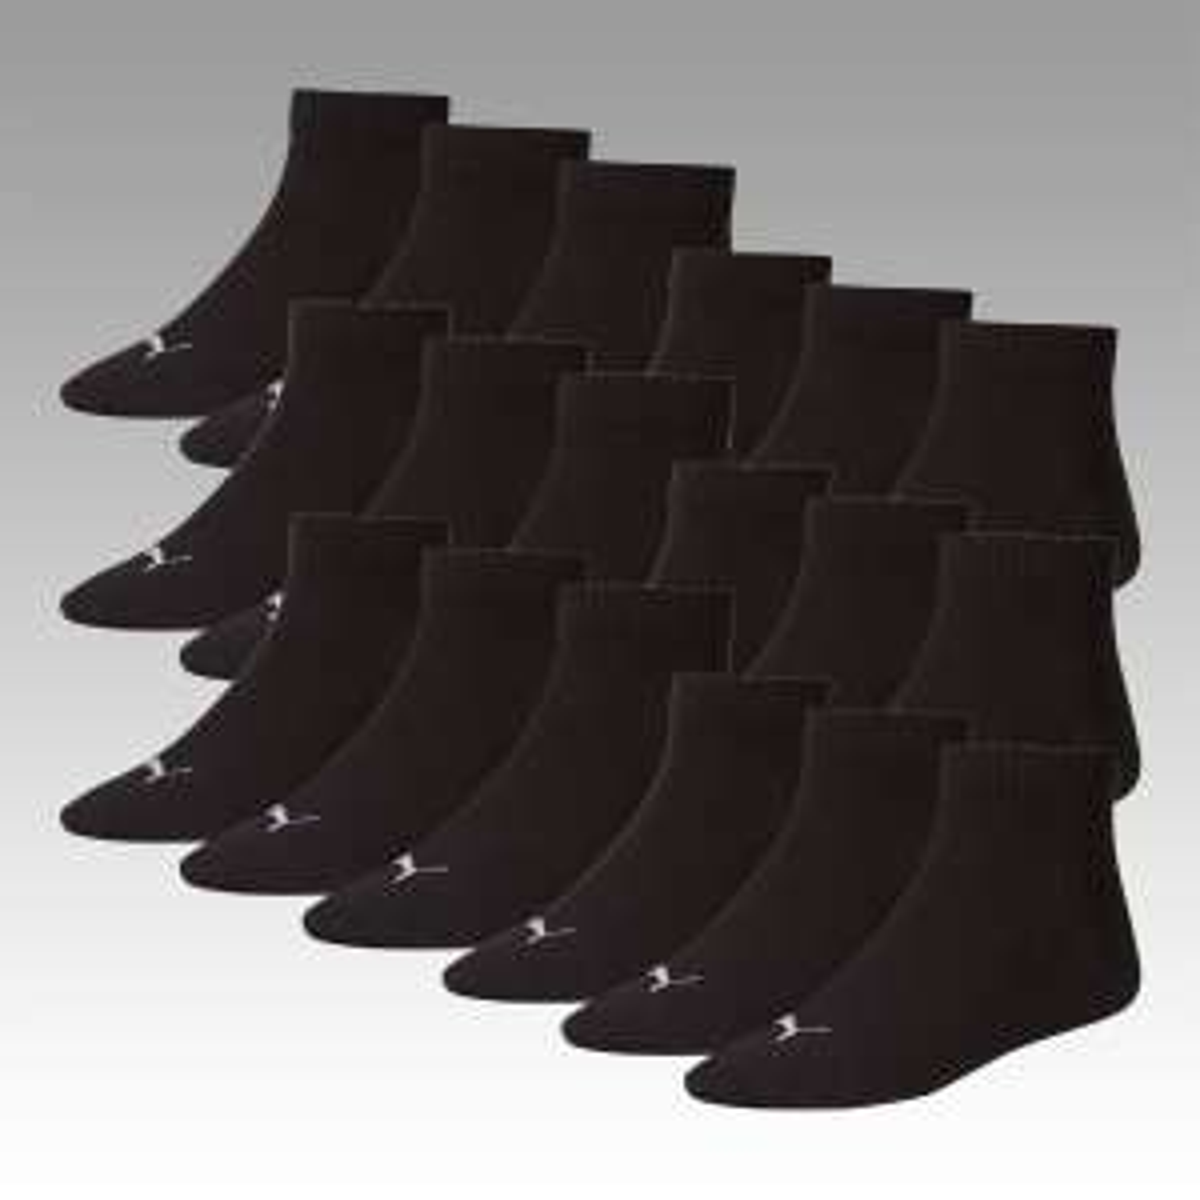 Puma Socken 18 Paar alle Varianten (Basic, Invisible, Crew) für 29,95 €